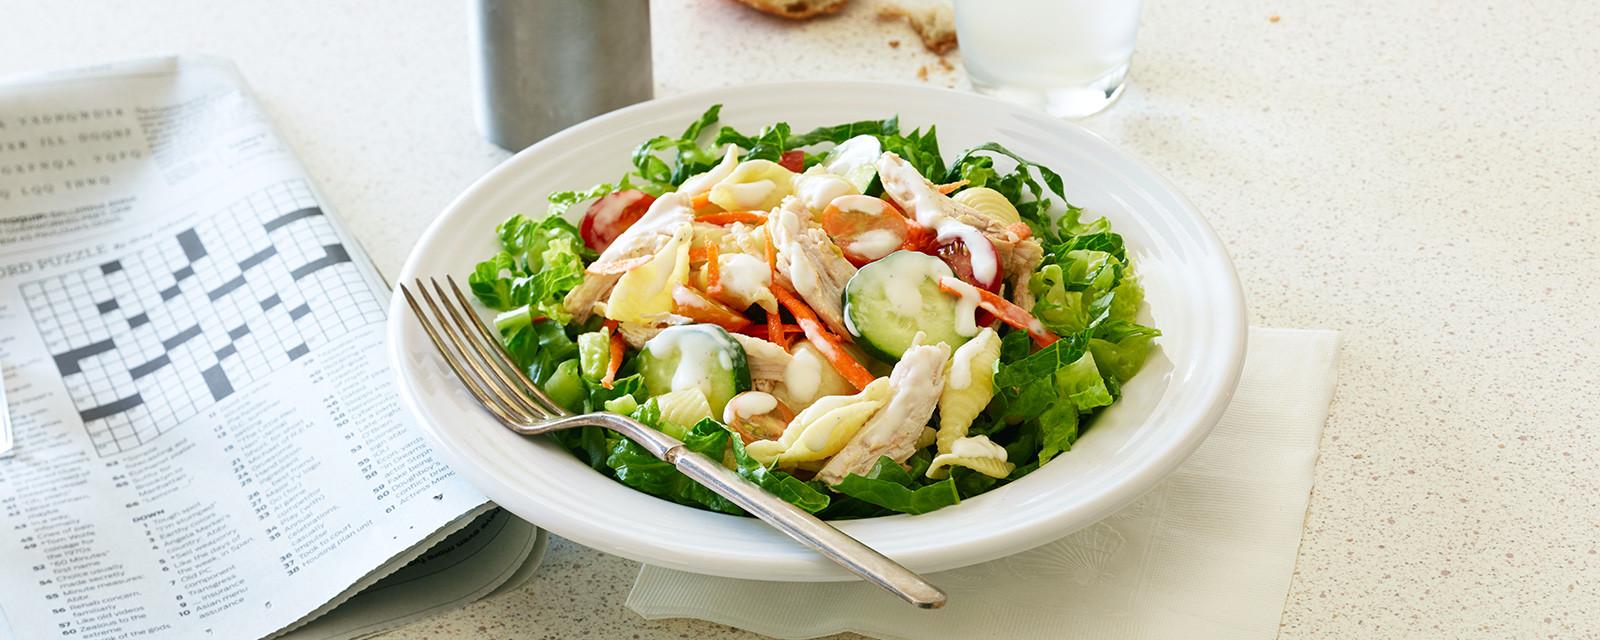 Thanksgiving Pasta Salad  Turkey Pasta Salad Recipe